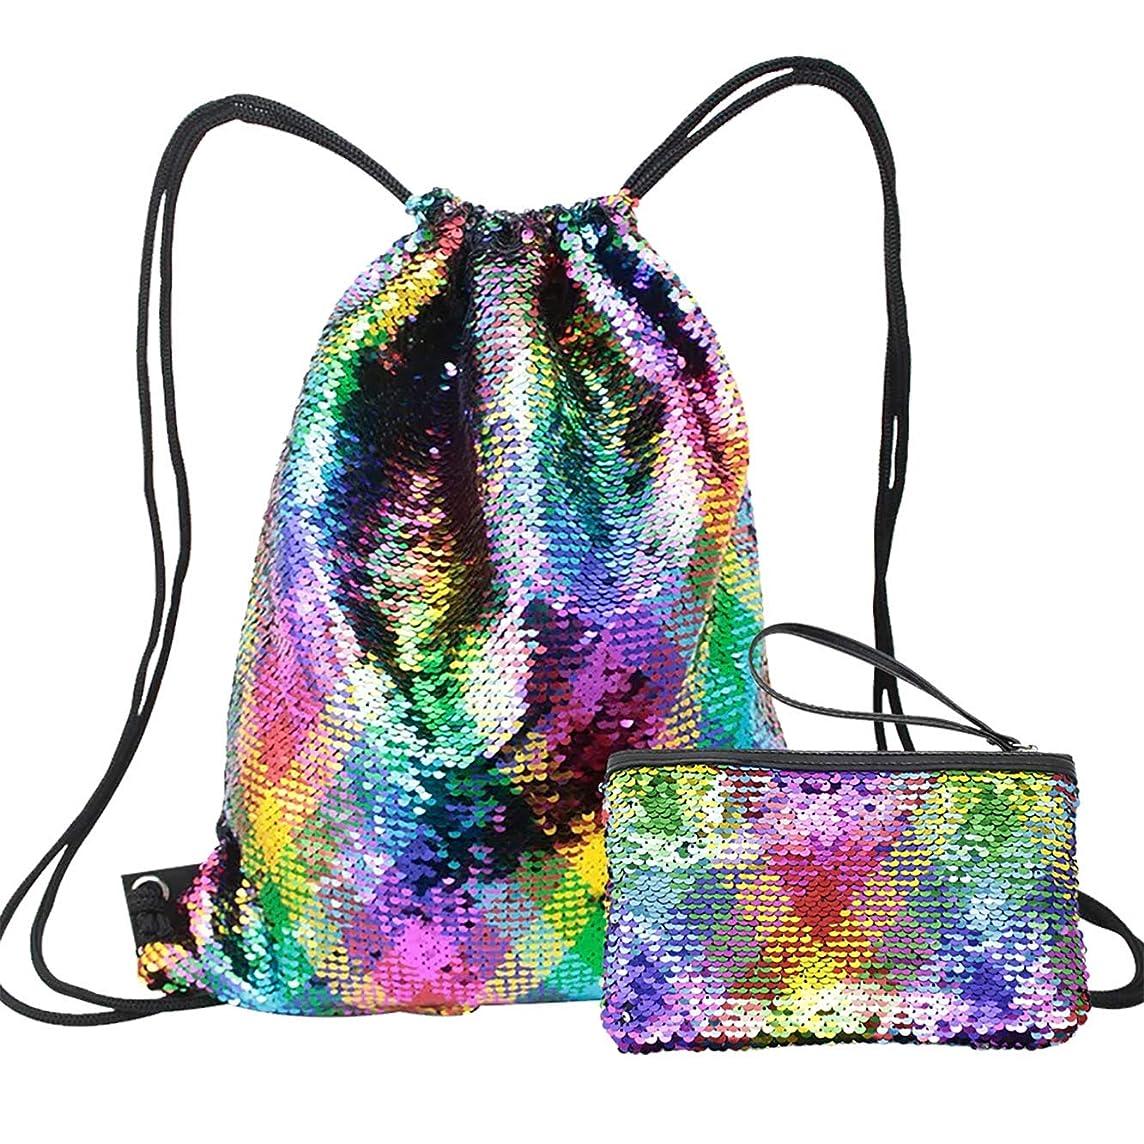 Sequin Drawstring Backpack Bag with Makeup Bag Mermaid Gym Dance Bags Magic Reversible Glitter Bag (Rainbow Mermaid)